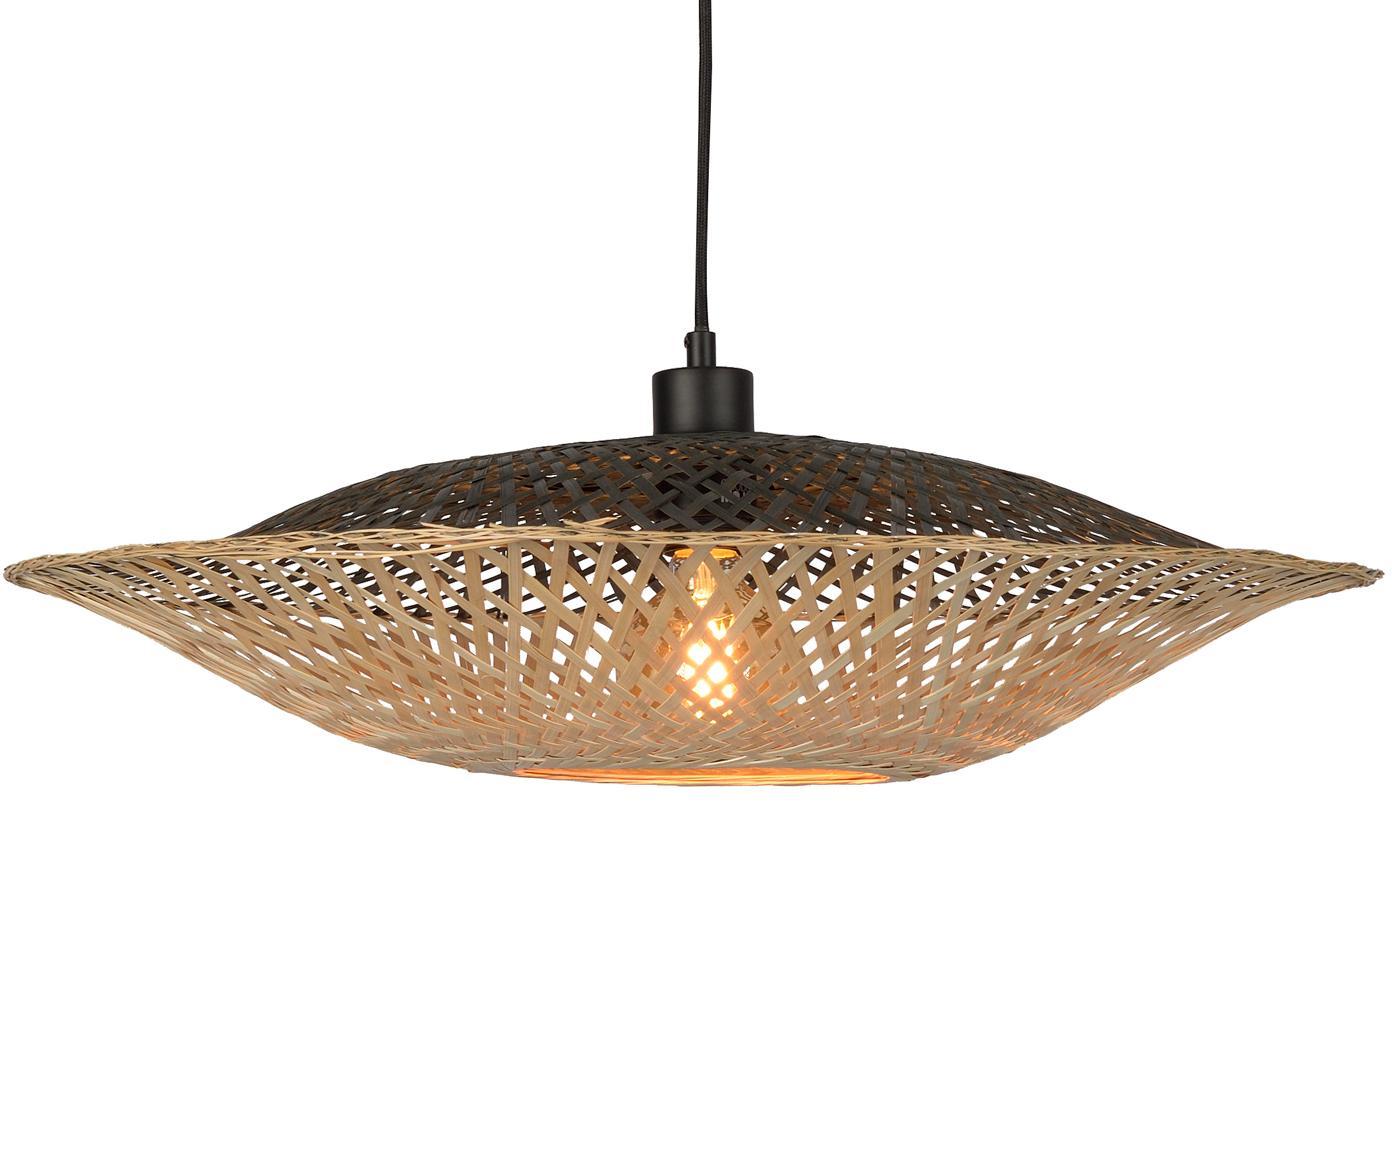 Hanglamp Kalimantan van bamboehout, Lampenkap: bamboehout, Baldakijn: kunststof, Bamboehoutkleurig, zwart, Ø 60 x H 15 cm